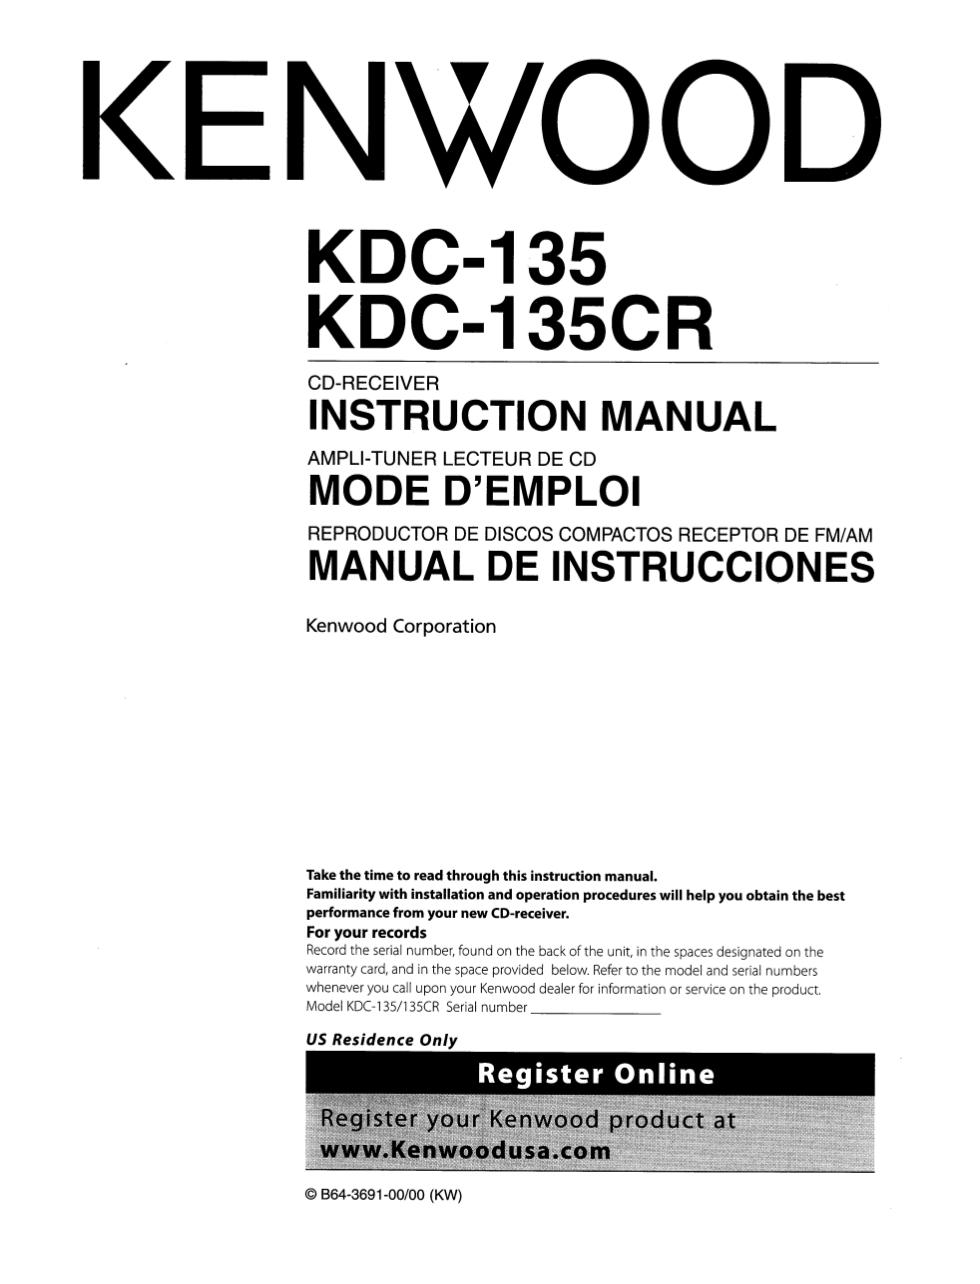 Download Free Pdf For Kenwood Kdc 135cr Car Receiver Manual 119 Wiring Diagram